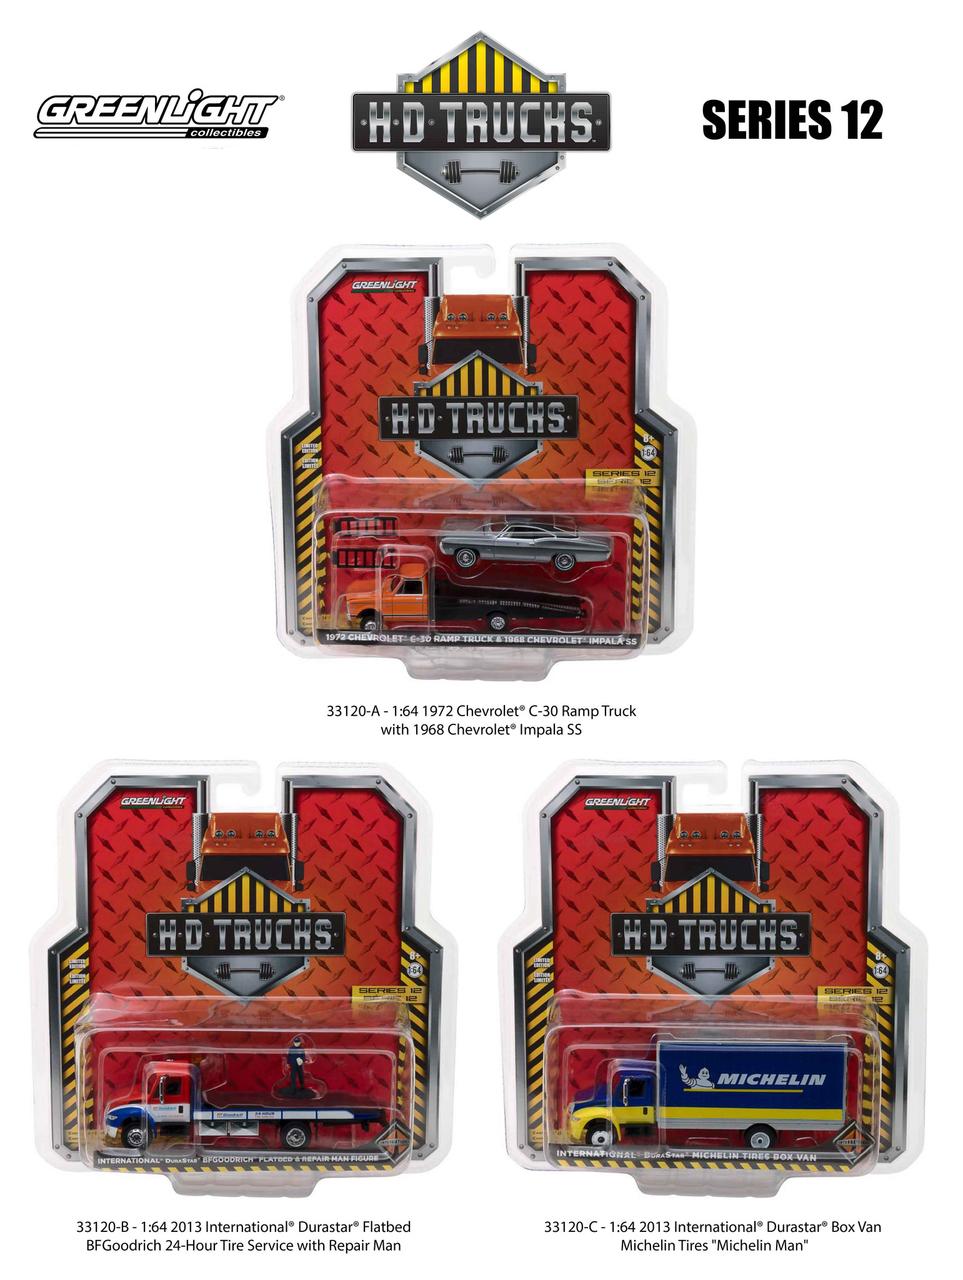 Heavy Duty Trucks Set of 3 HD Trucks Series 12 1/64 Diecast Models by Greenlight 33120-A-B-C